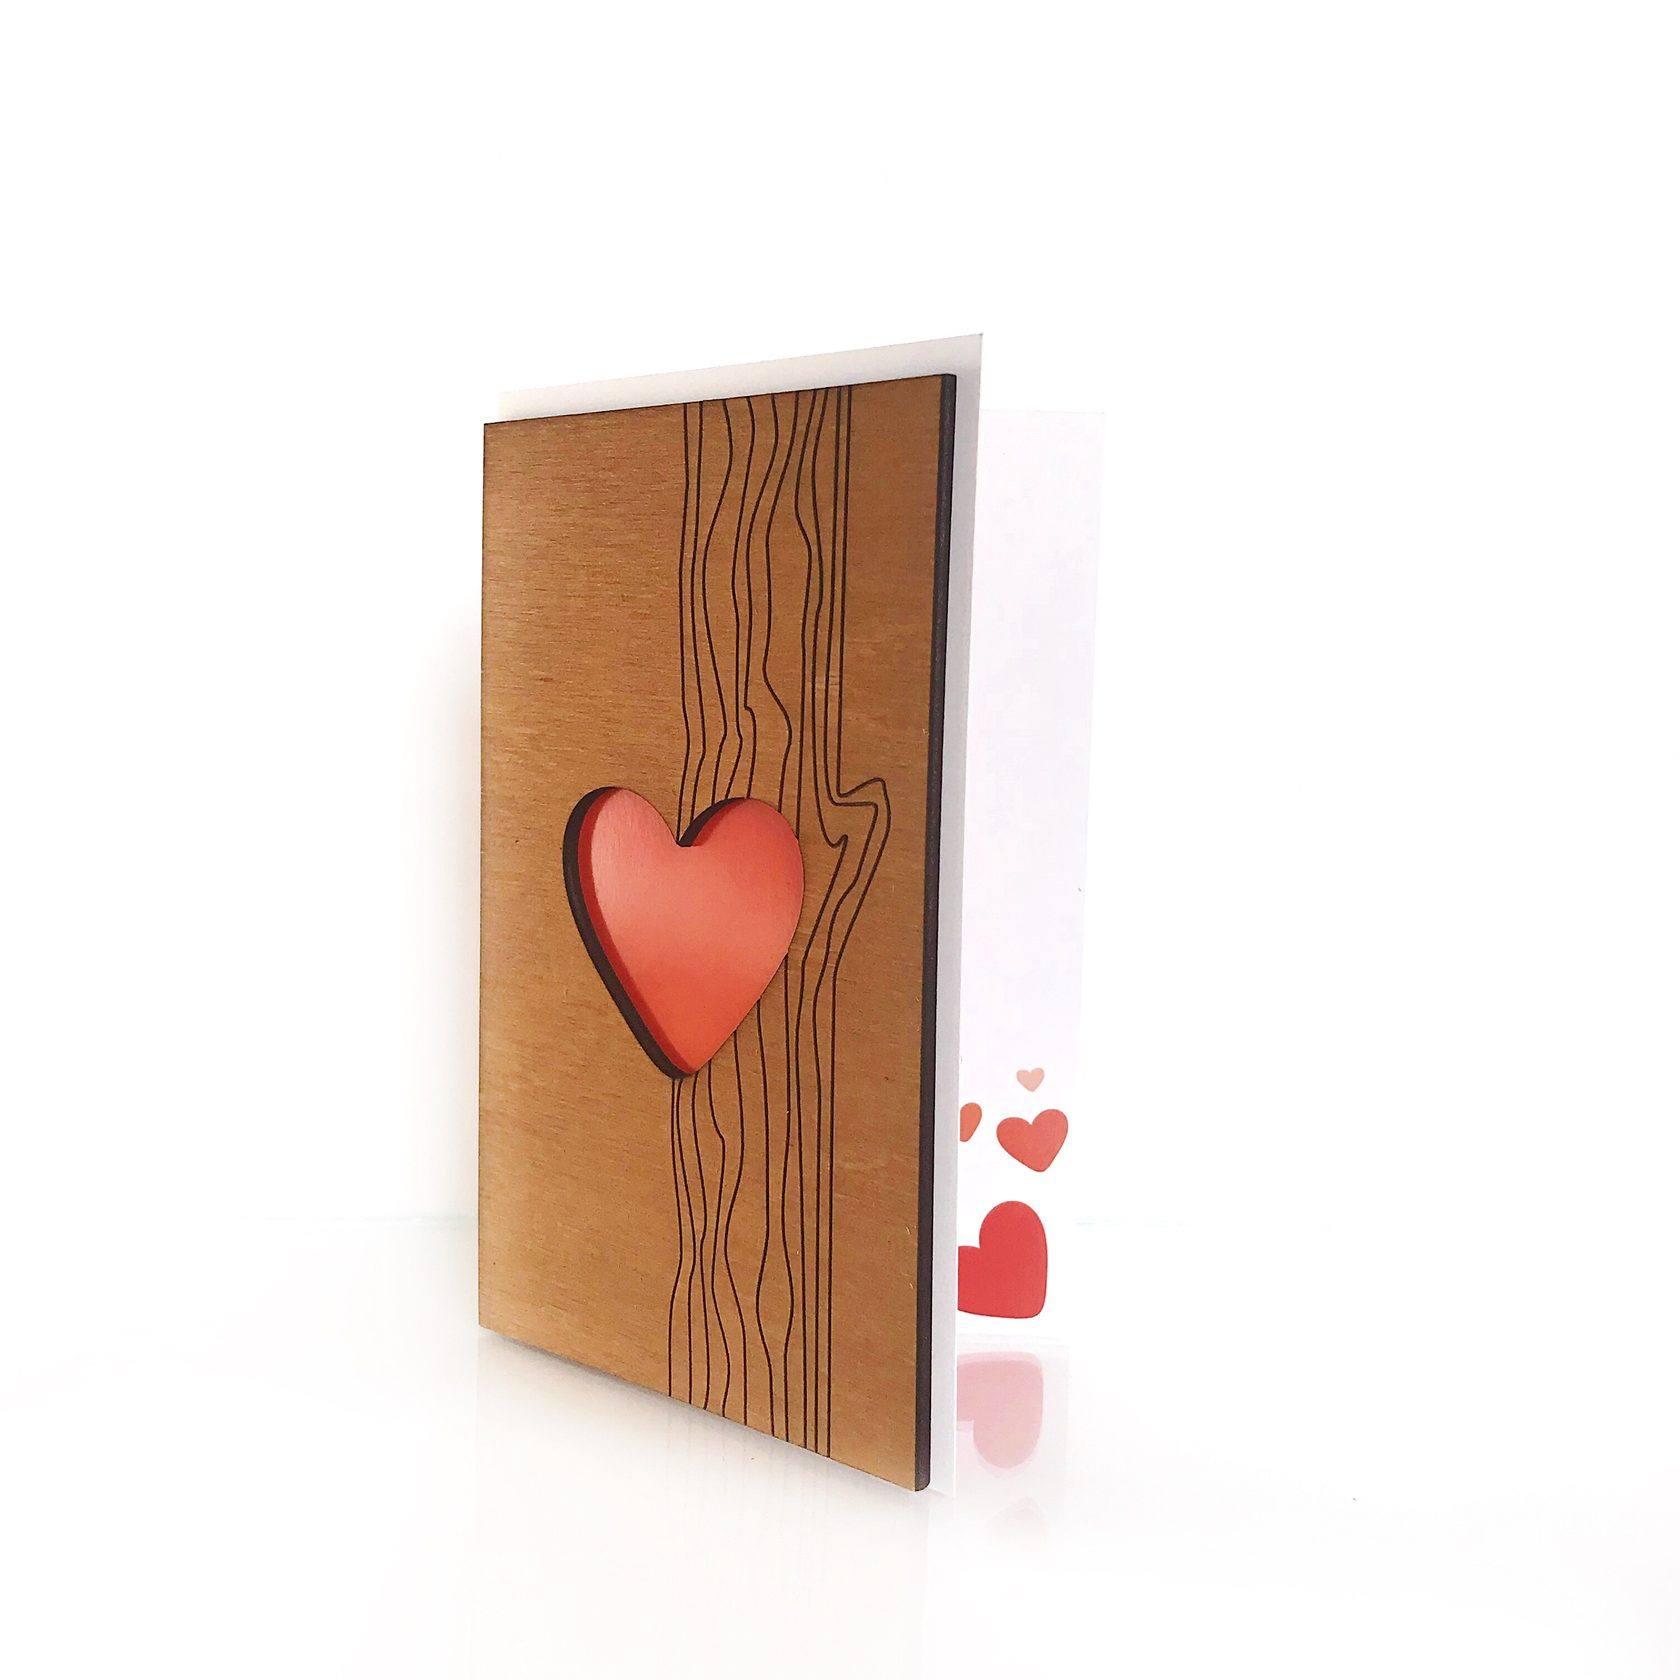 дуоденит открытки деревяные для подобных условий